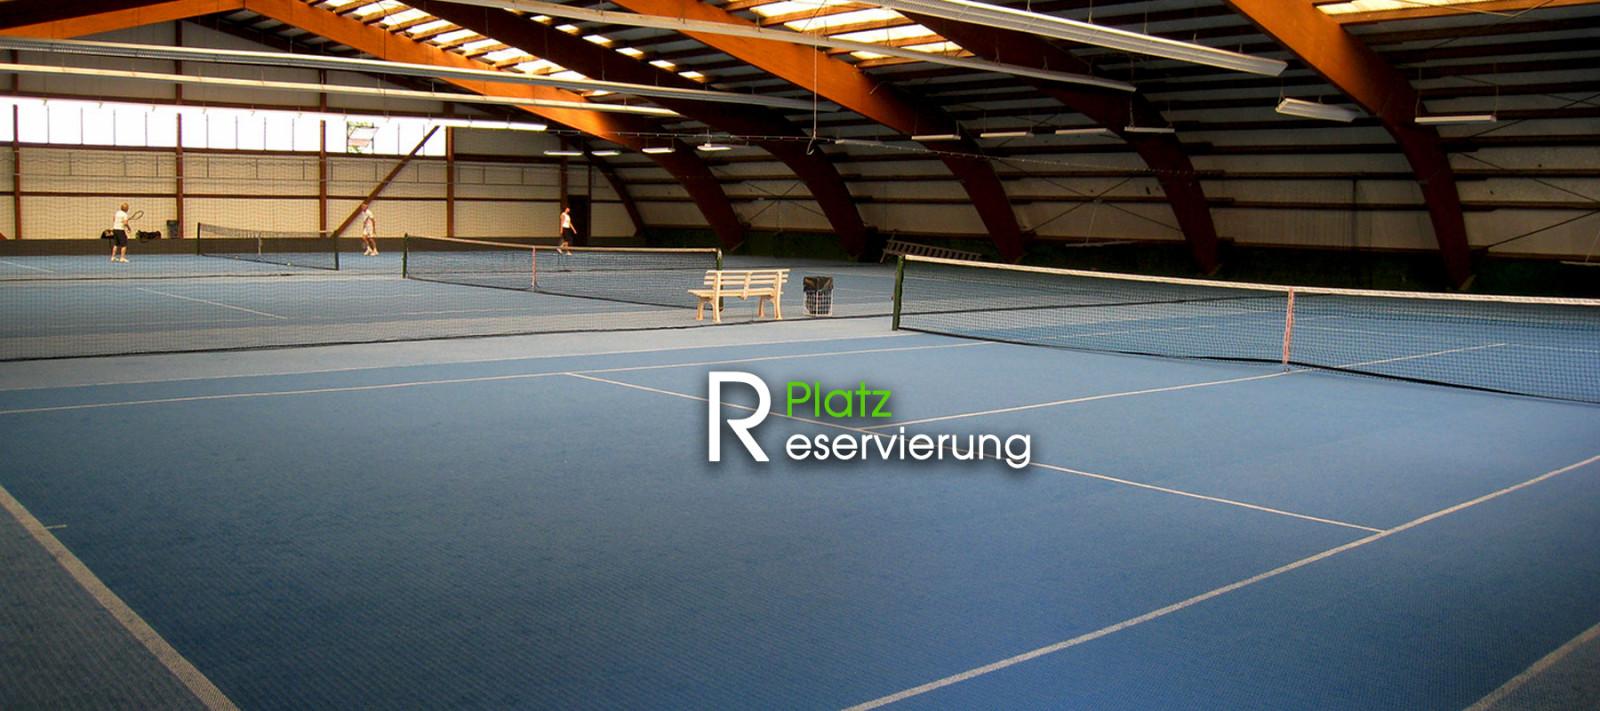 reservier_01